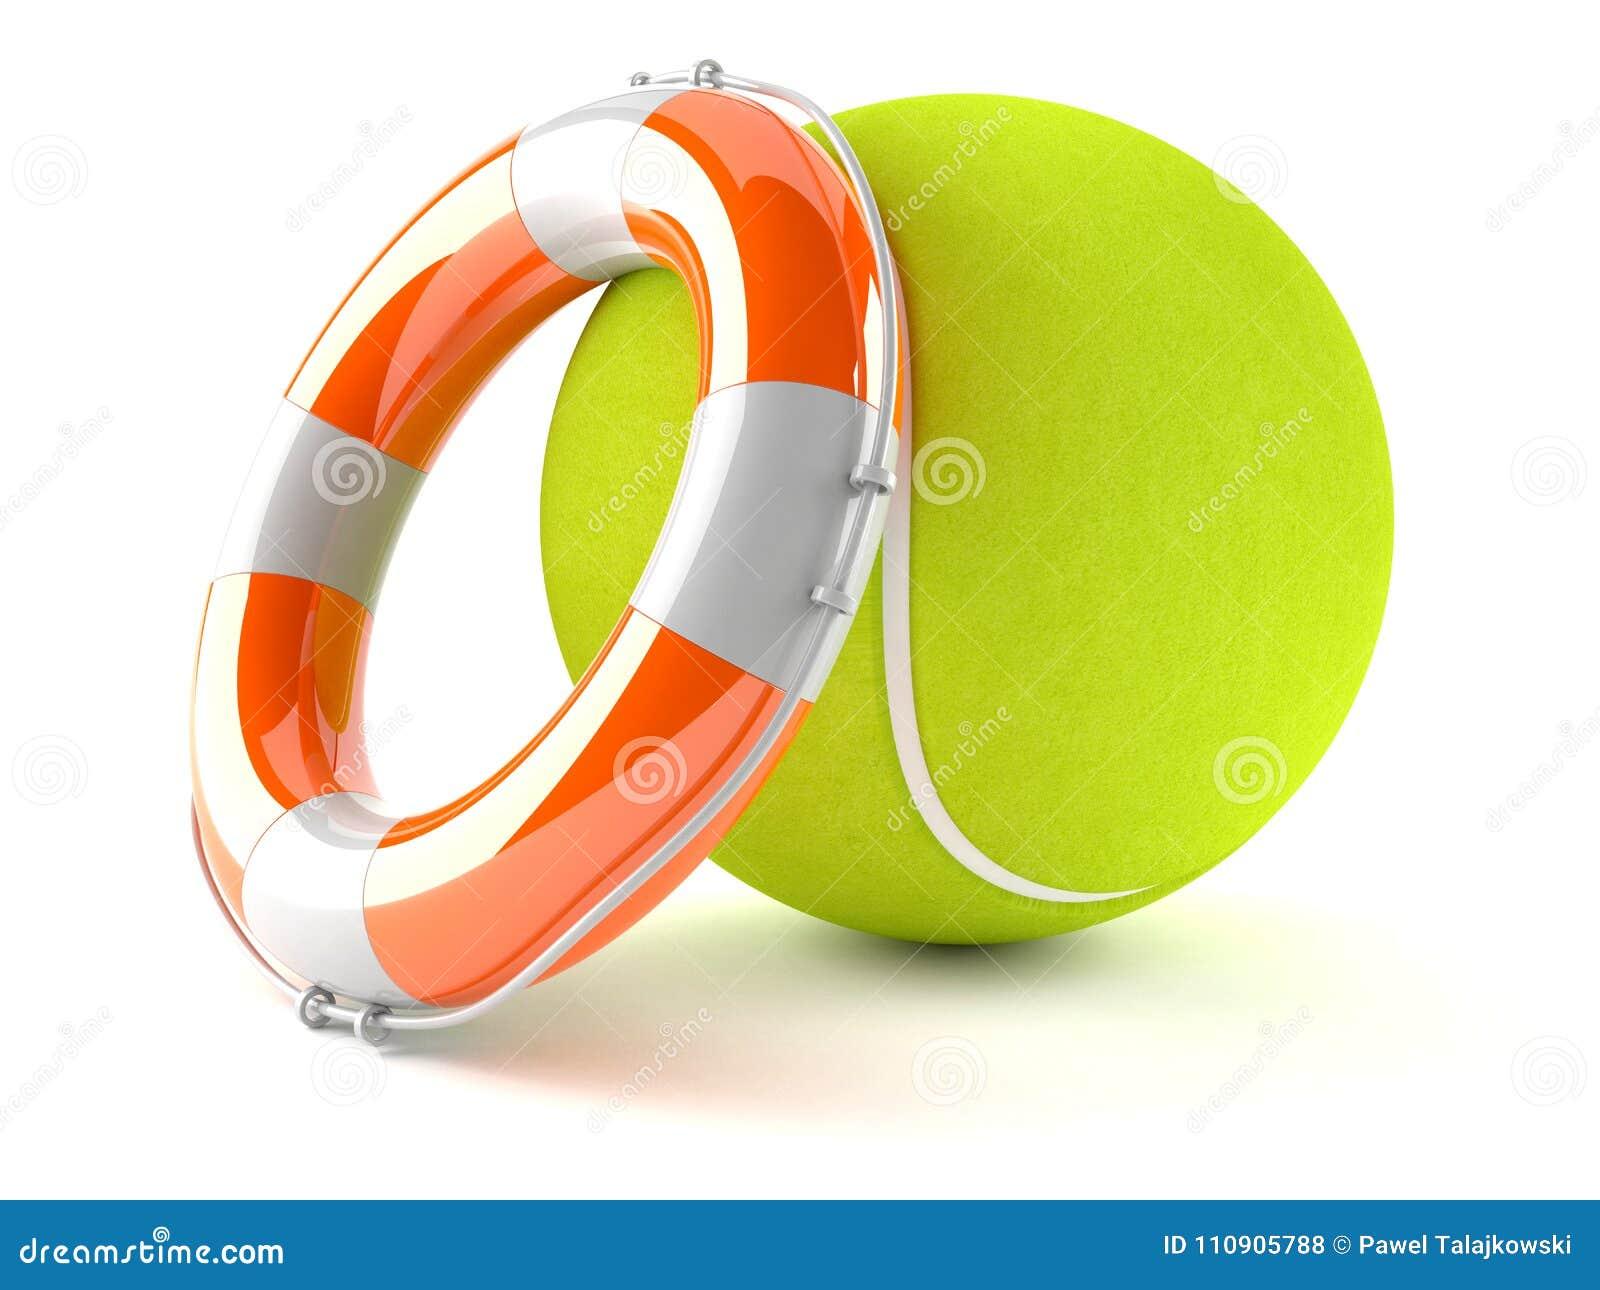 Pelota De Tenis Con La Boya De Vida Stock De Ilustracion